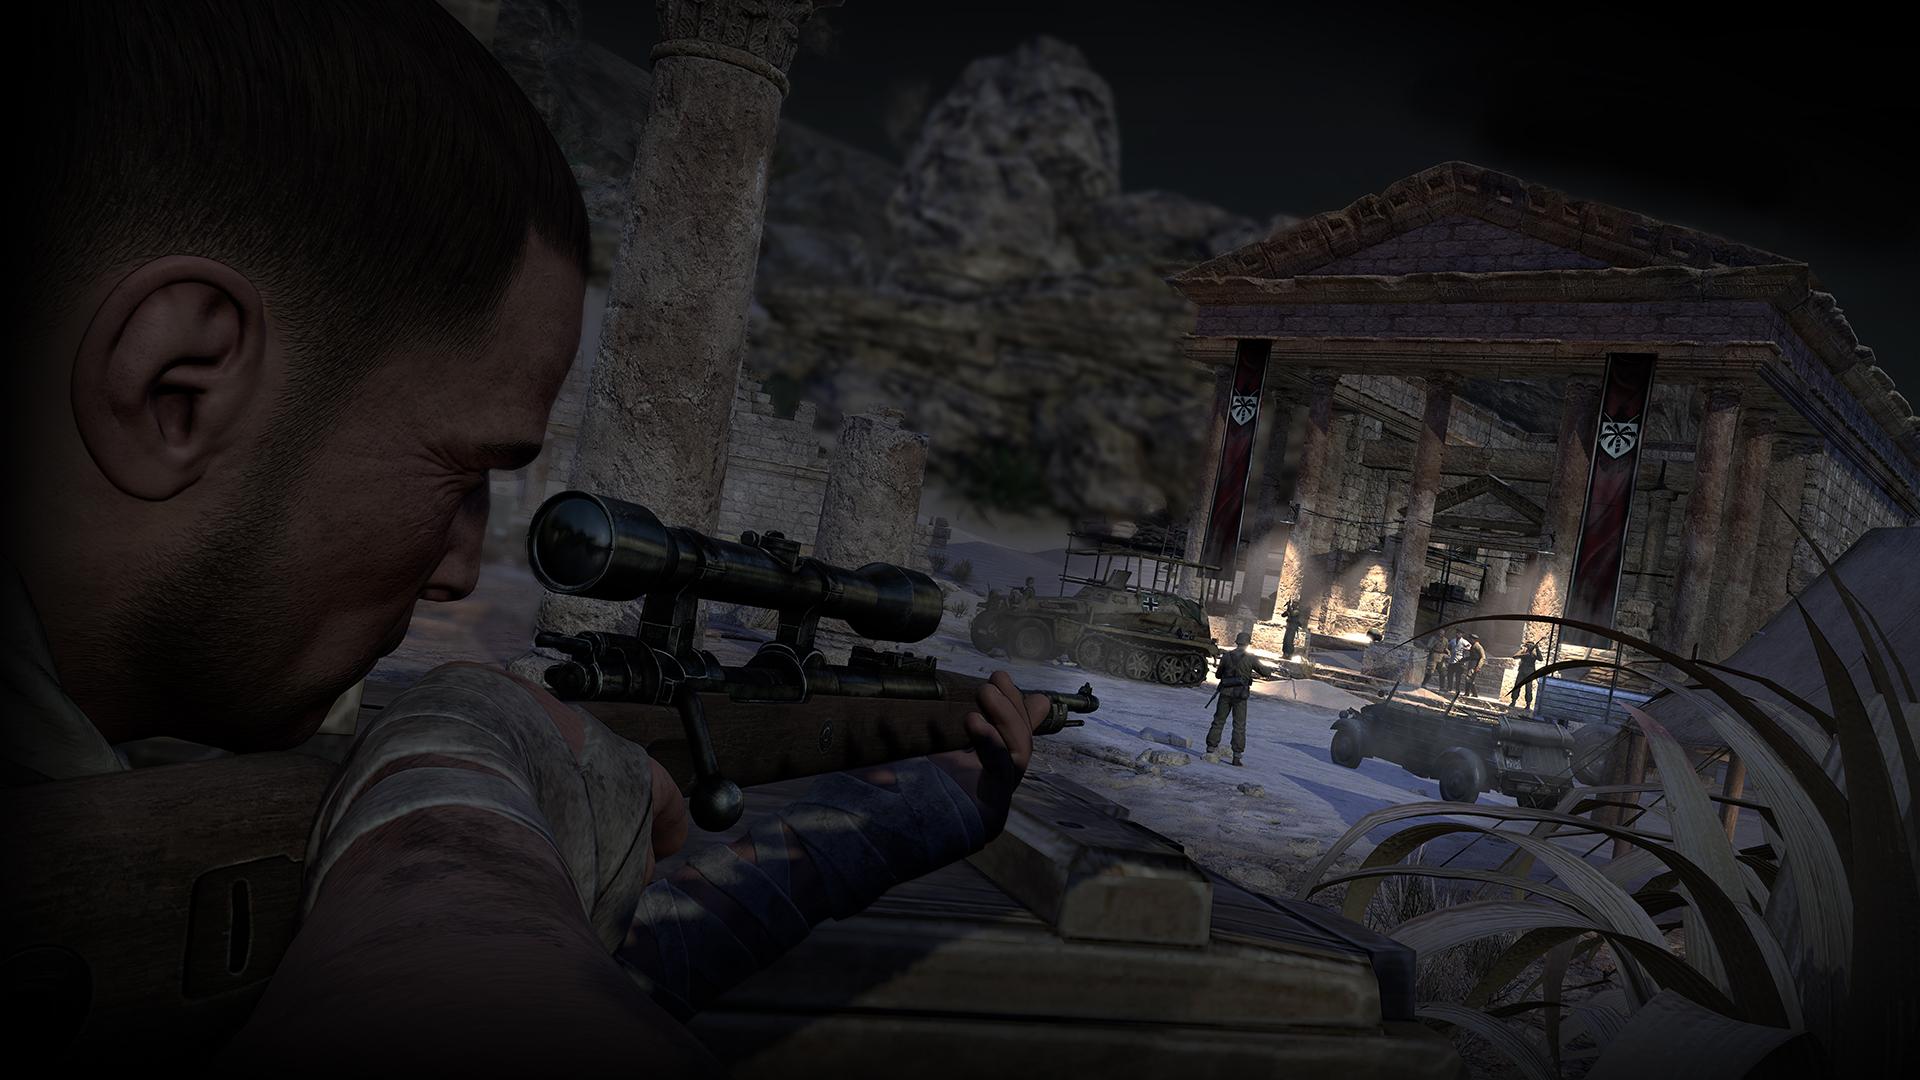 Sniper elite 3 for macular degeneration